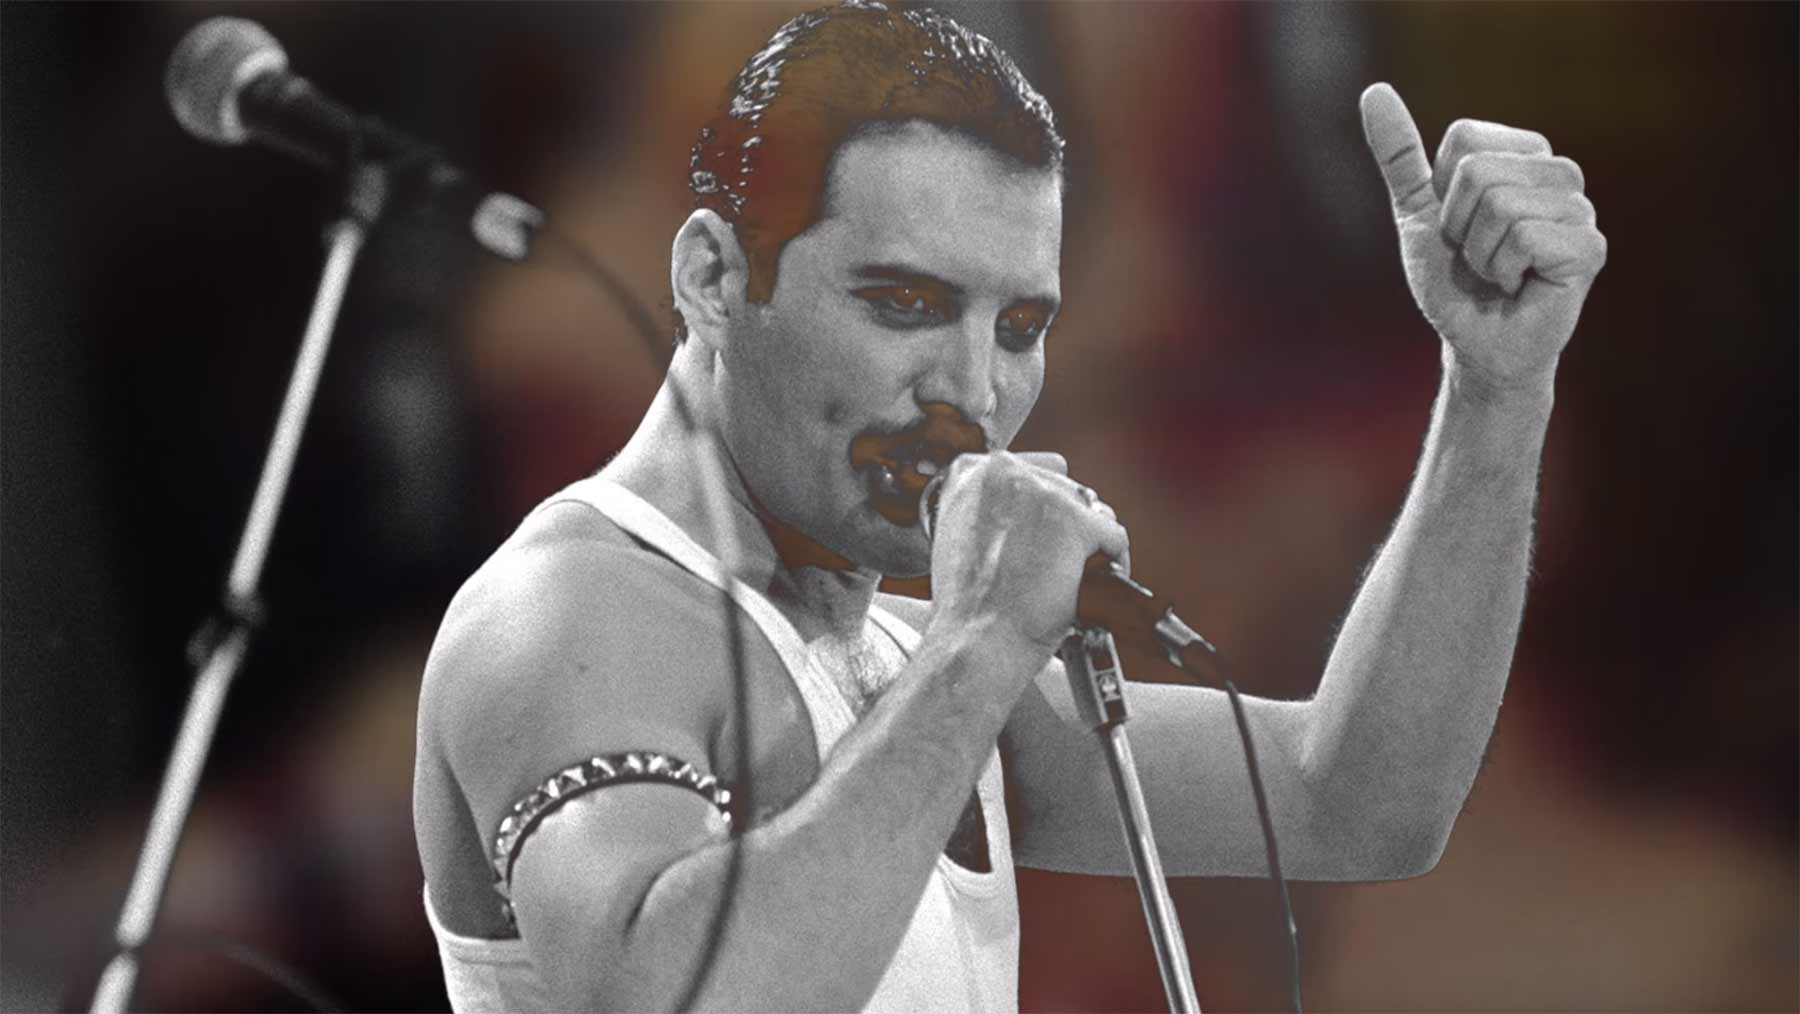 Deshalb war Freddie Mercurys Stimme so genial reddie-mercury-stimme